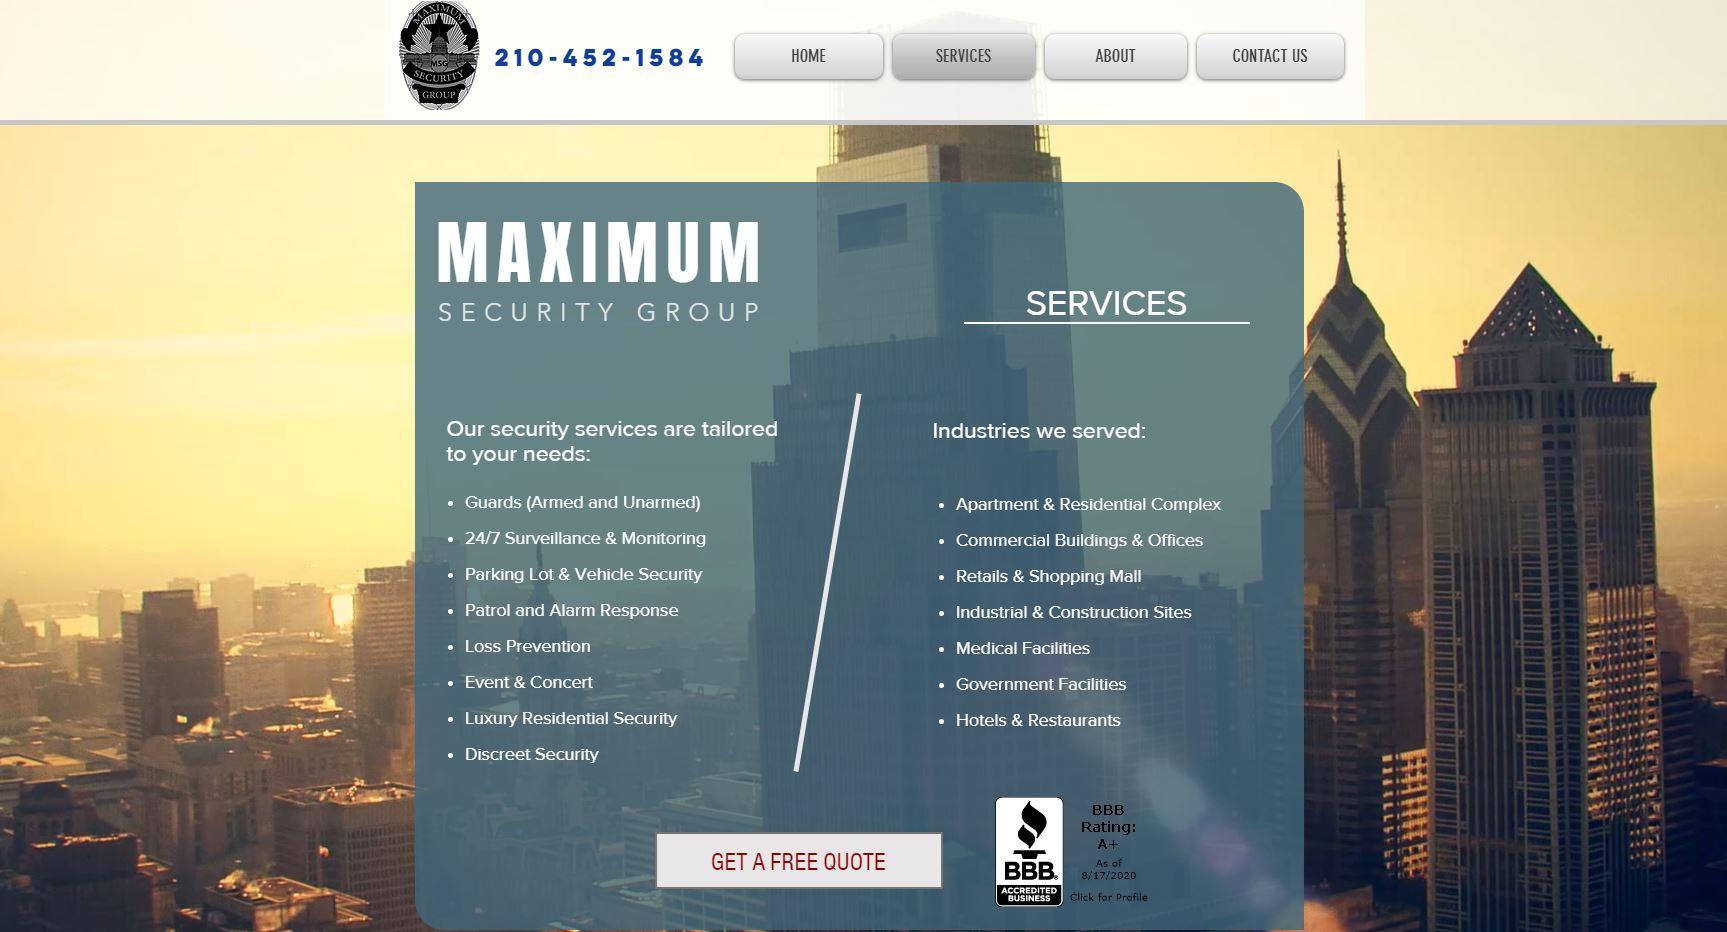 Maxium Security